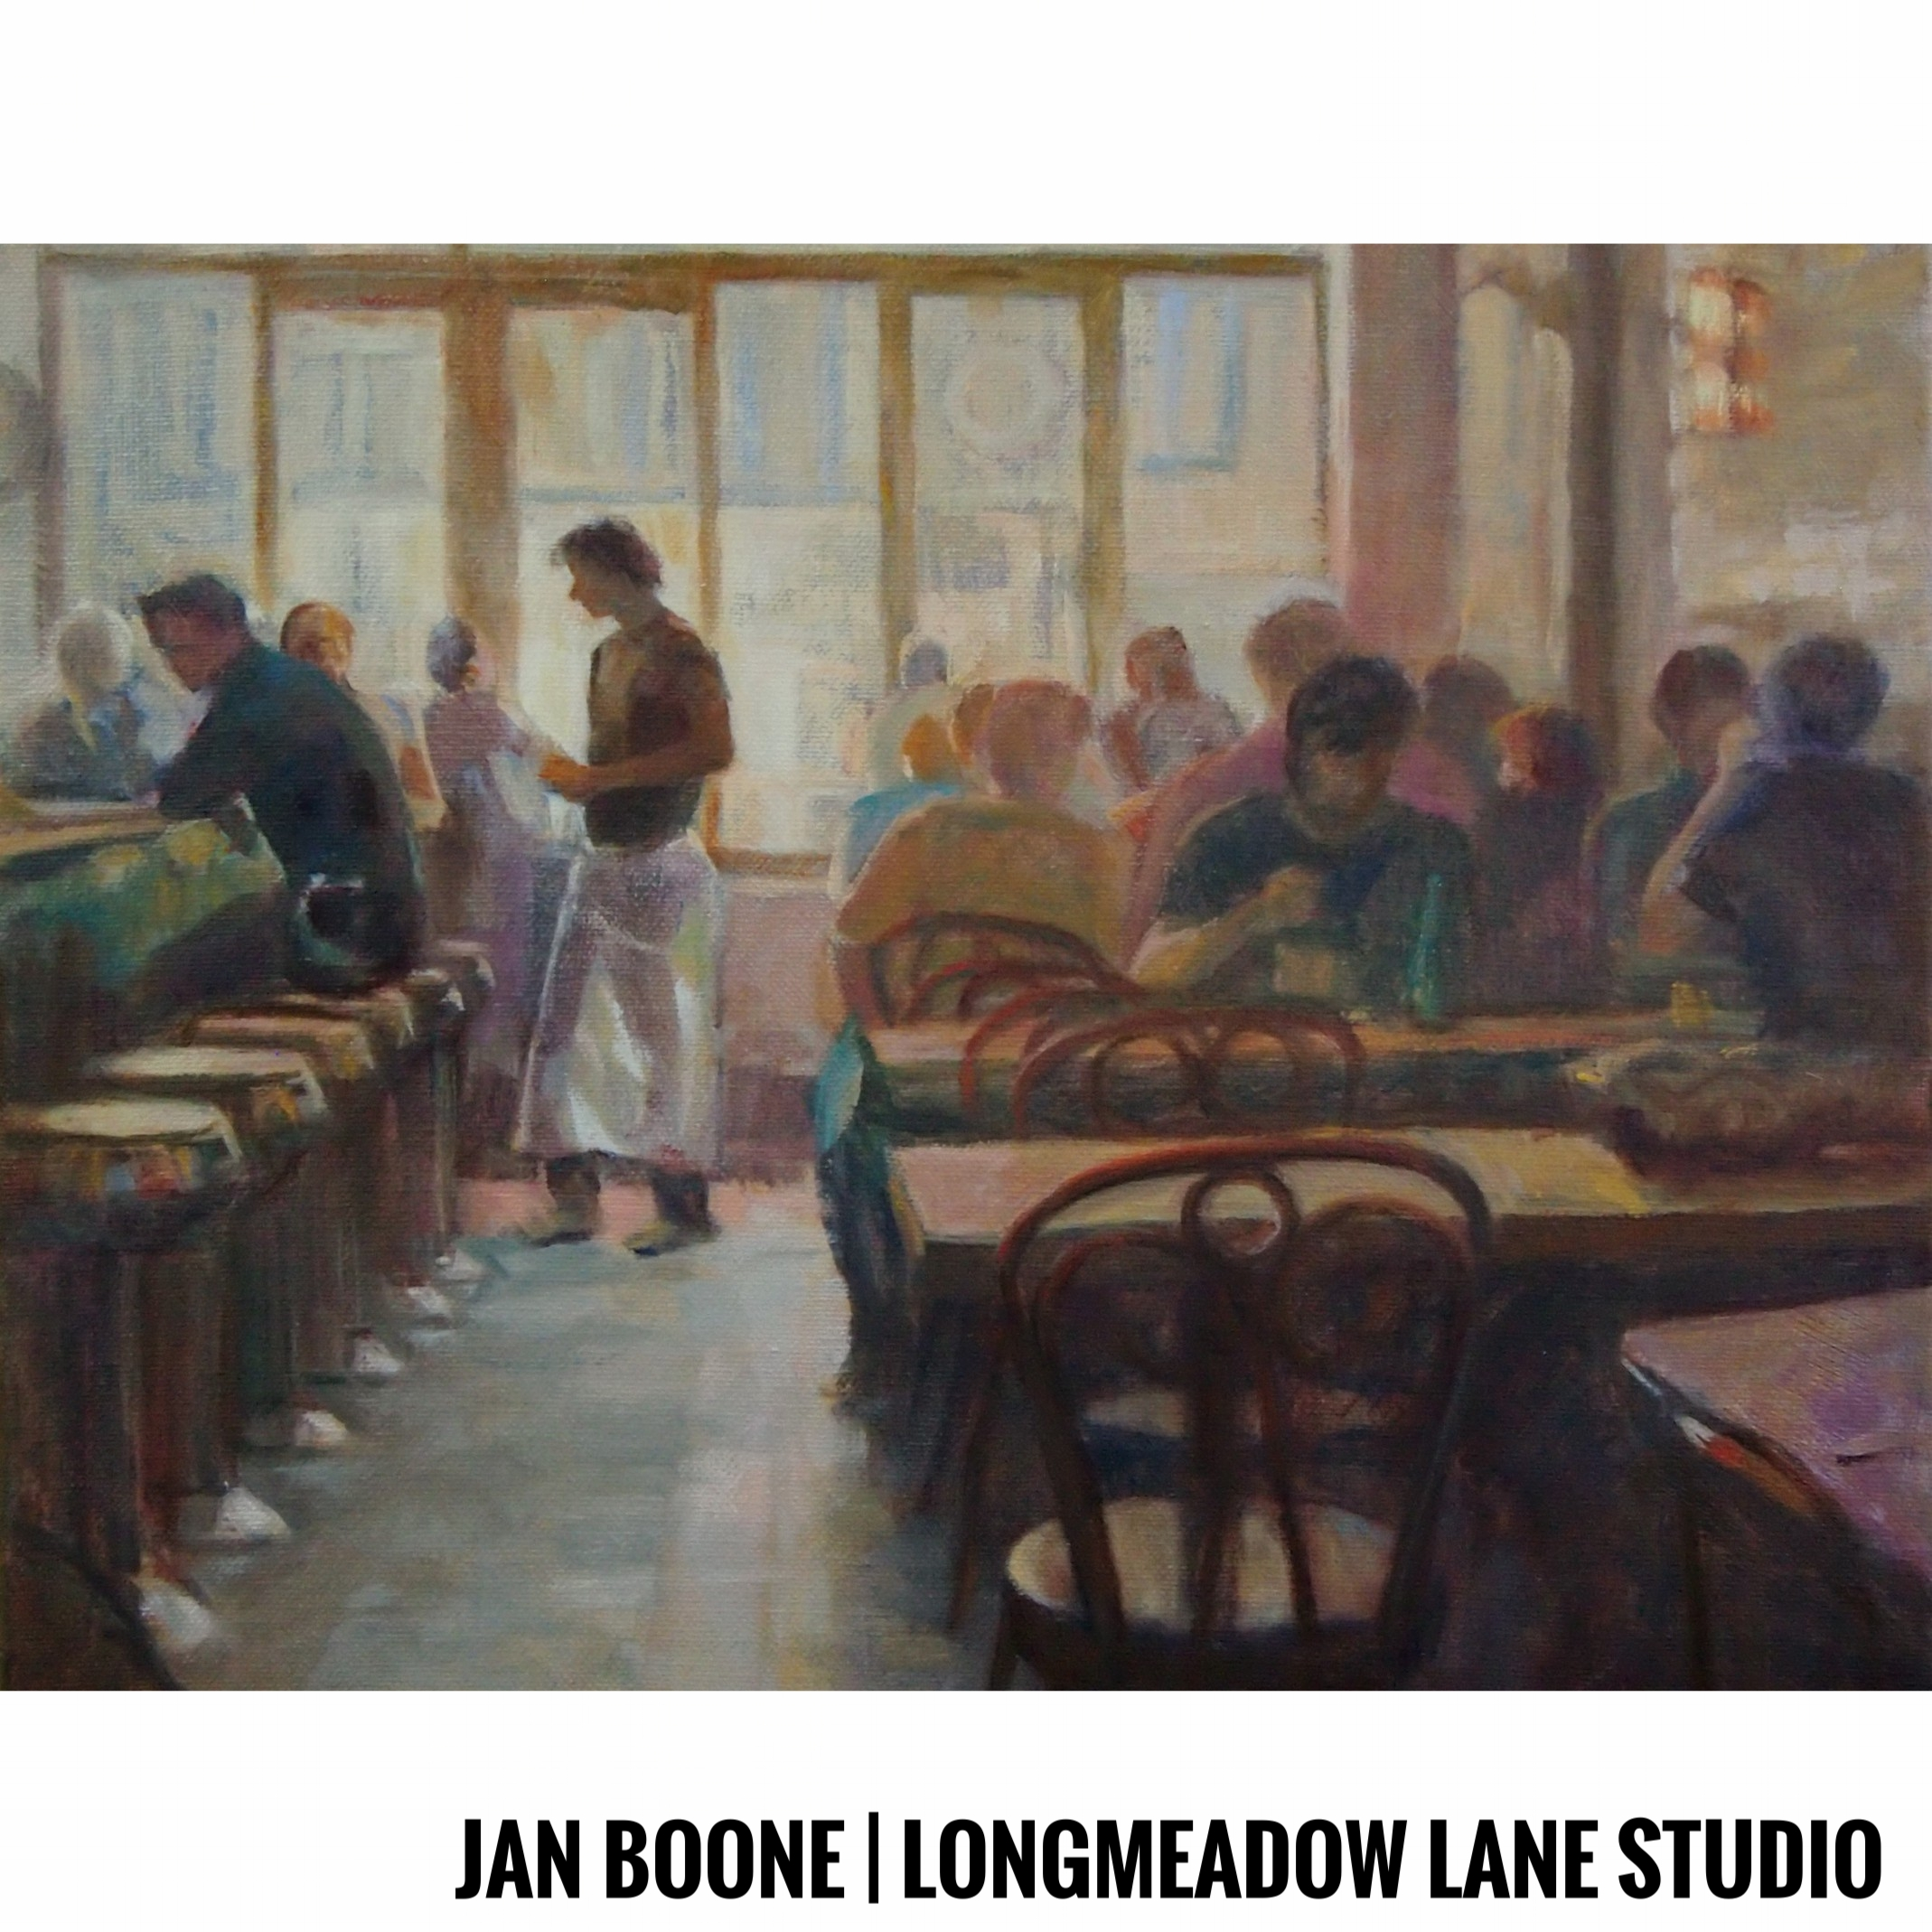 Jan Boone | Longmeadow Lane Studio